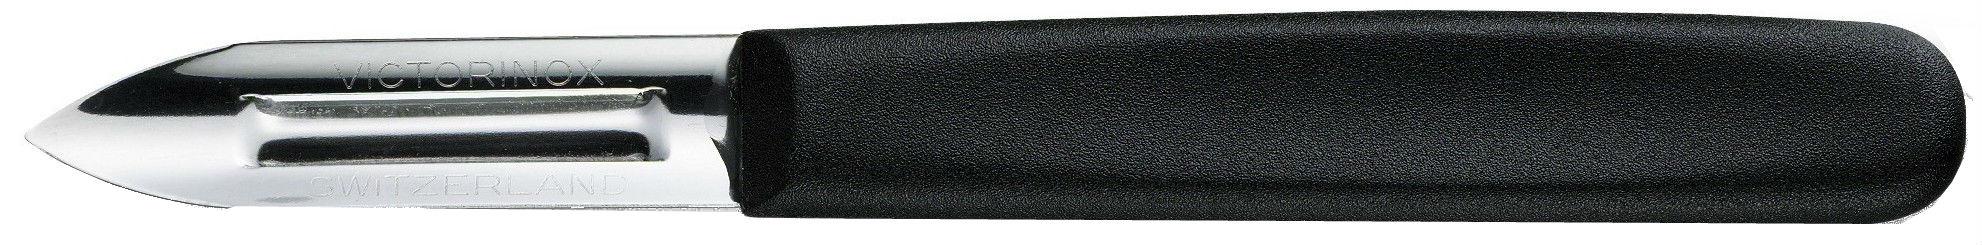 все цены на  Victorinox 5.0203 - нож для овощей (Black)  онлайн